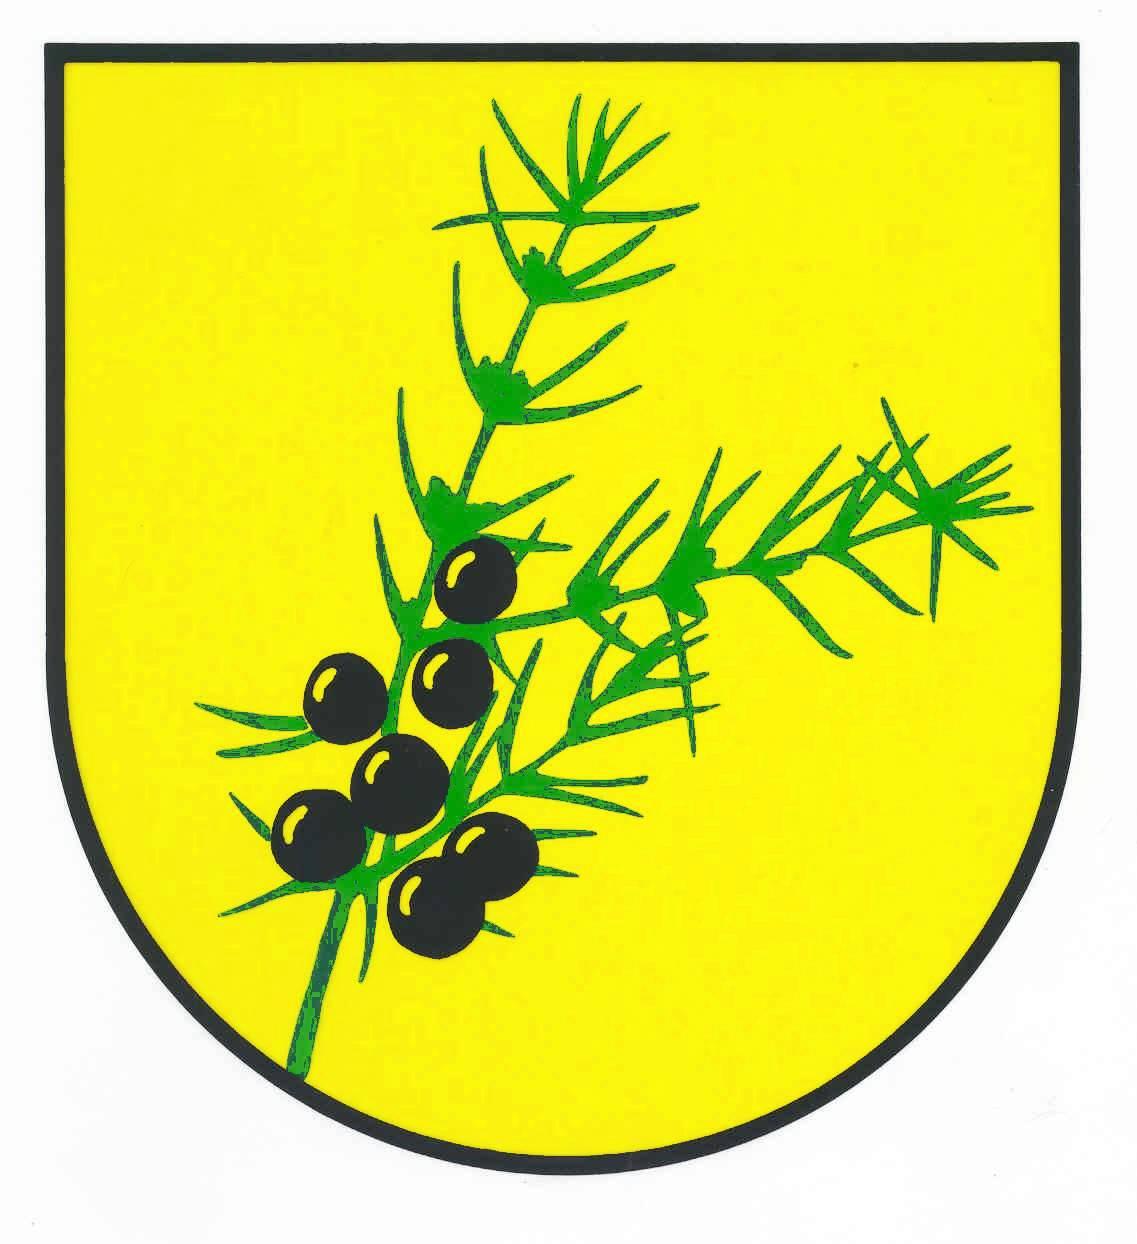 Wappen GemeindeJörl, Kreis Schleswig-Flensburg